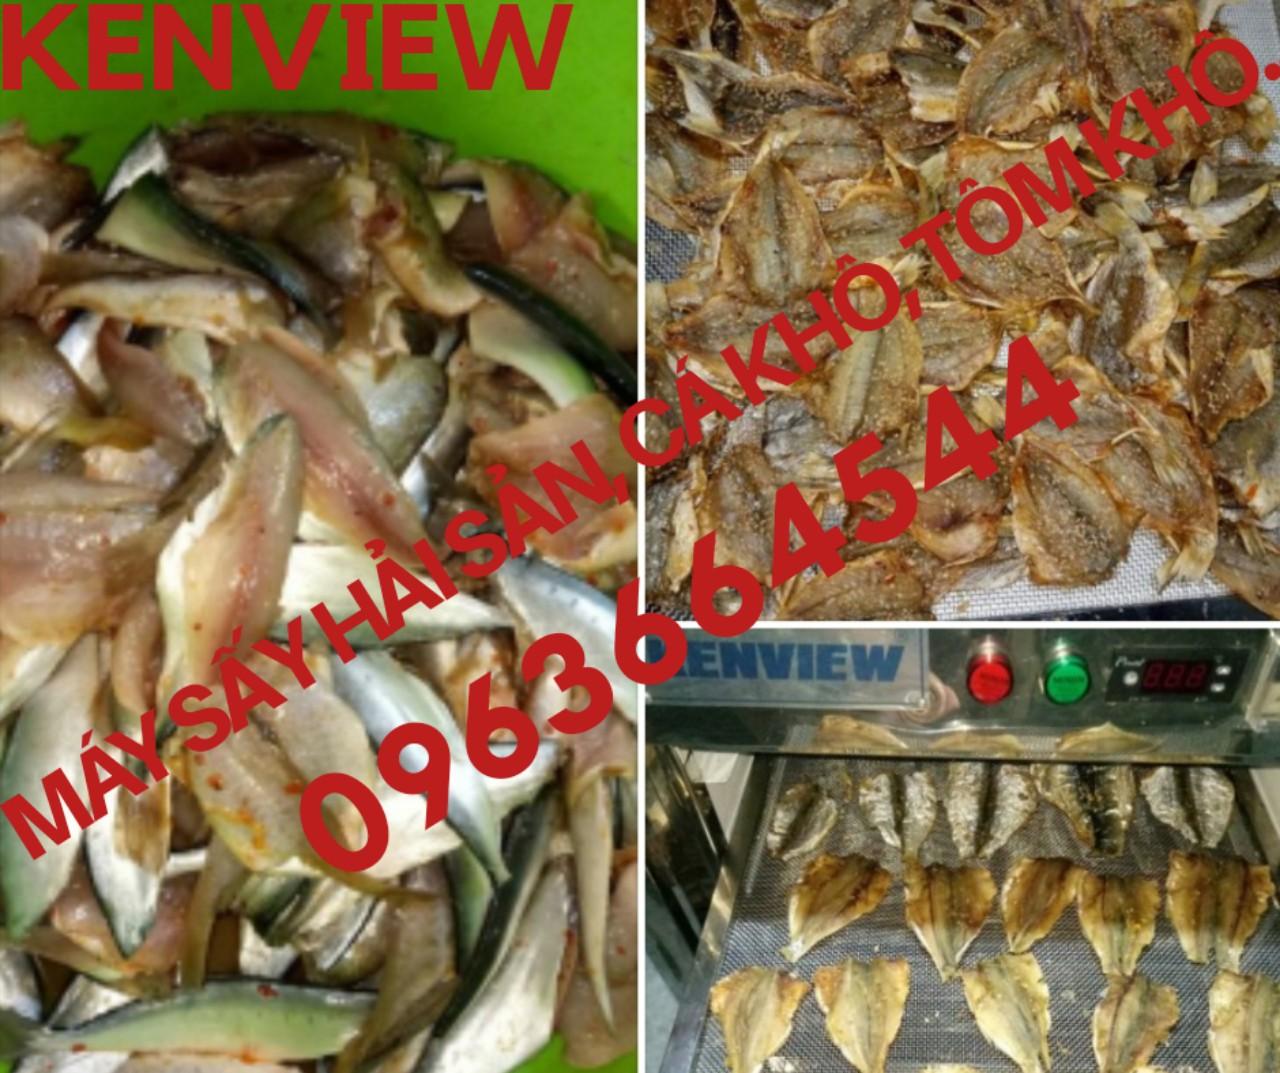 Cung cấp máy sấy cá khô ở An Giang 0963664544